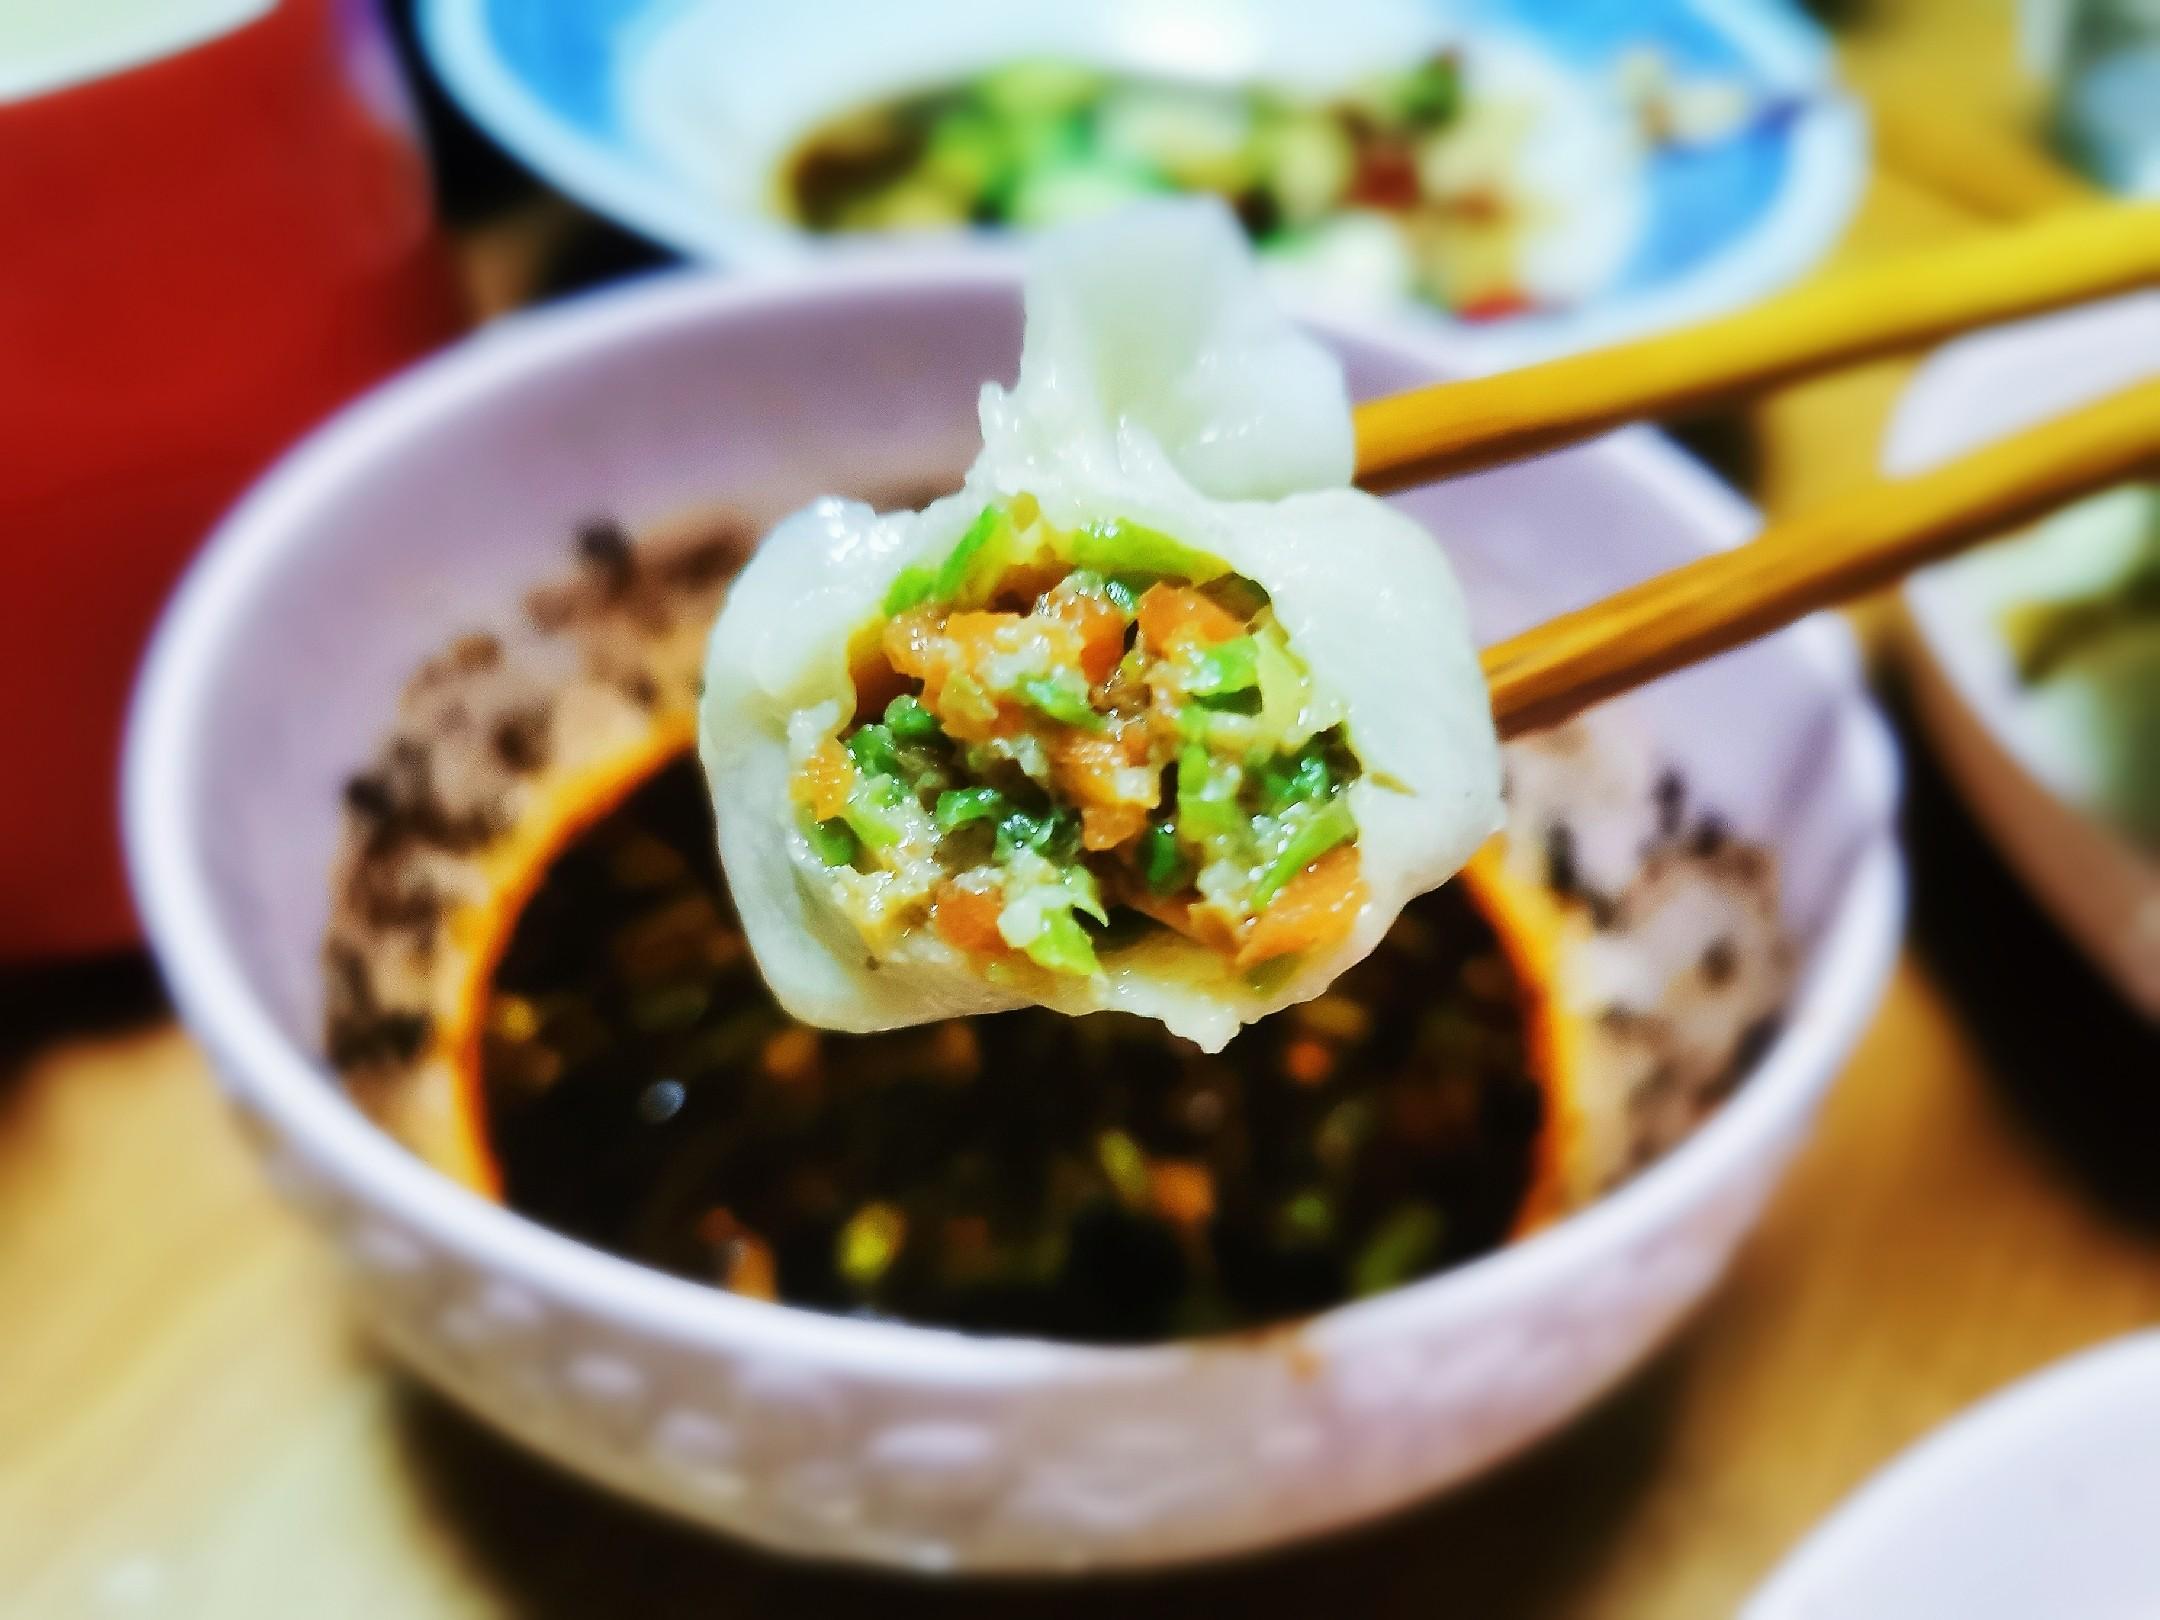 豆角红萝卜肉饺子成品图